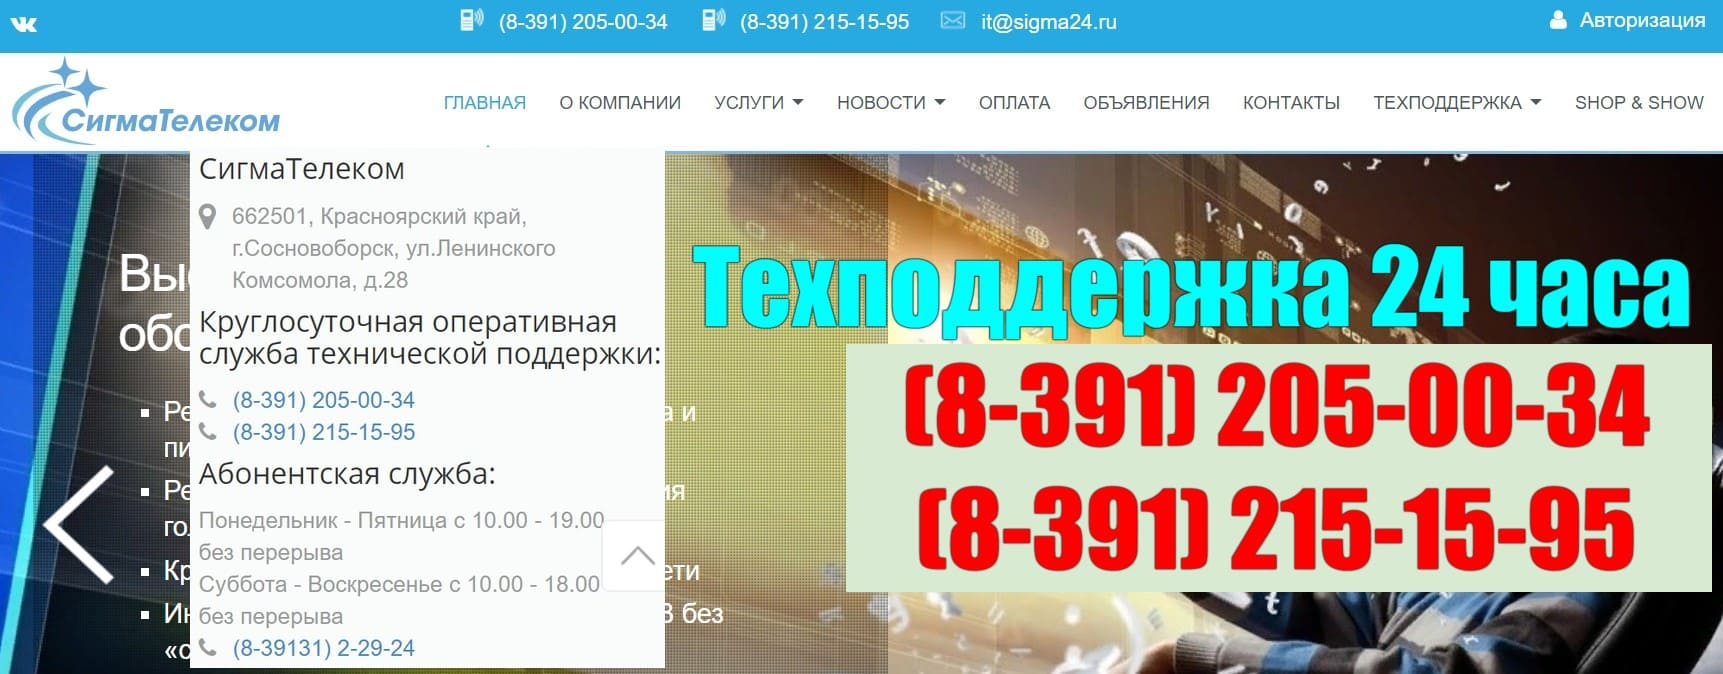 Сигма Телеком личный кабинет